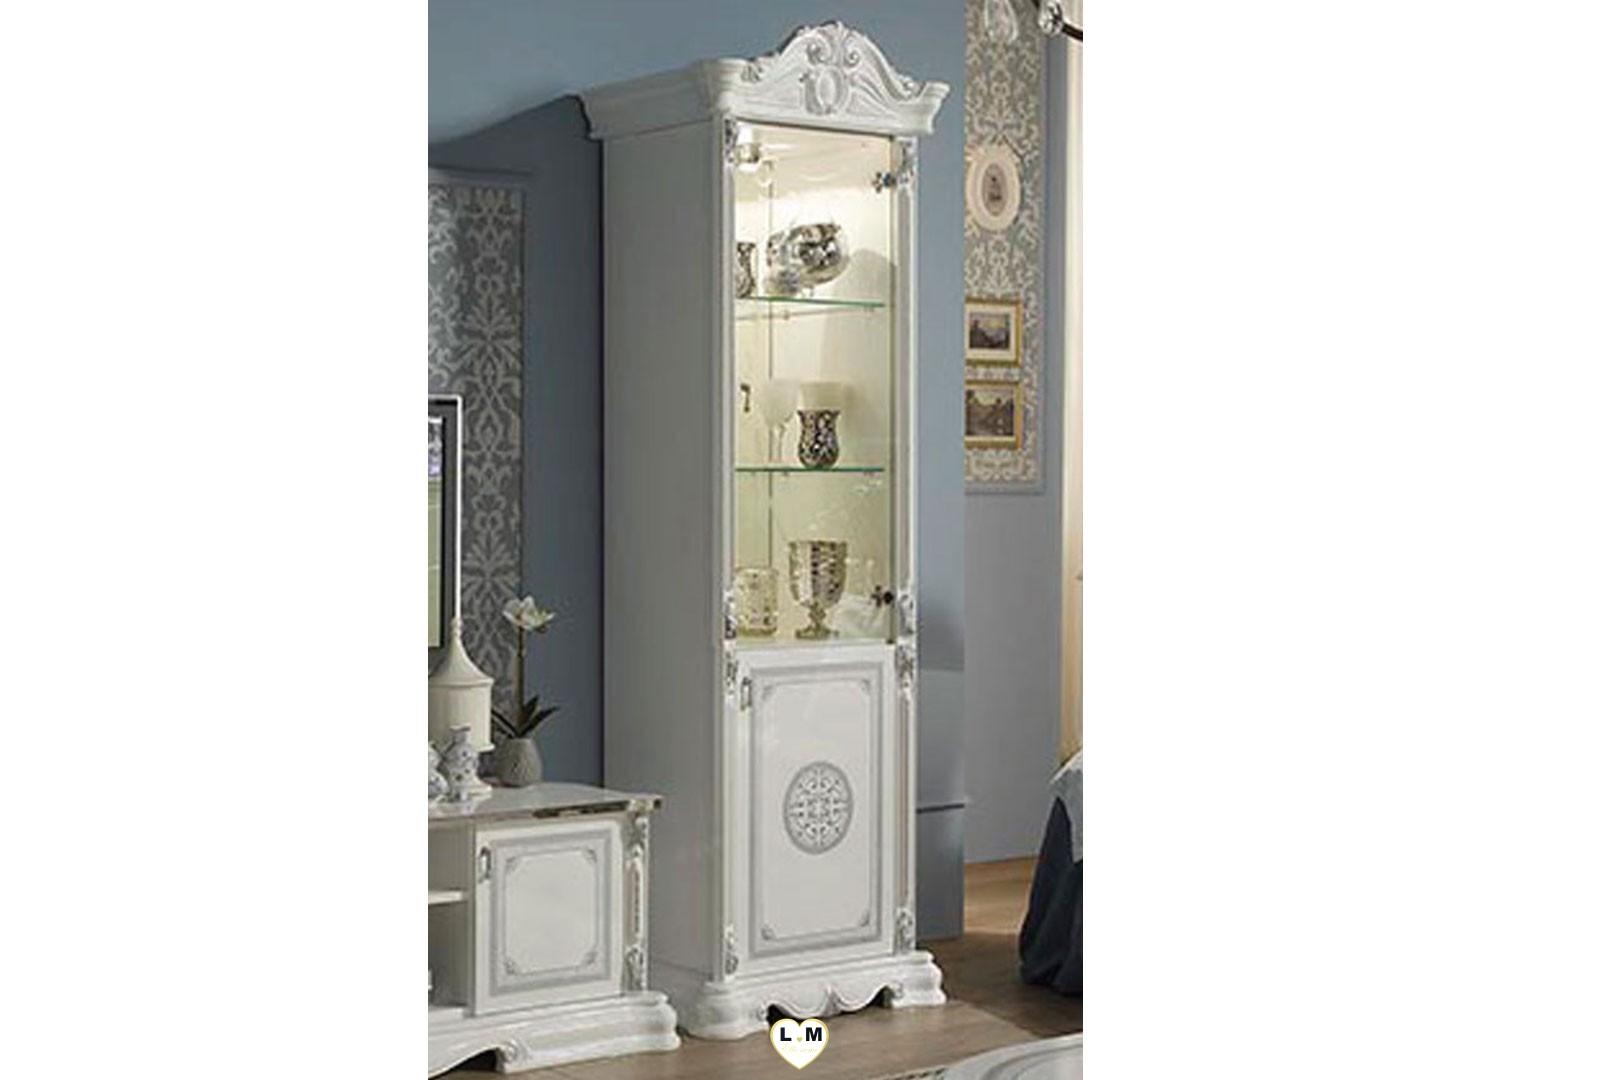 garbo laque blanc et argent sejour salle a manger baroque